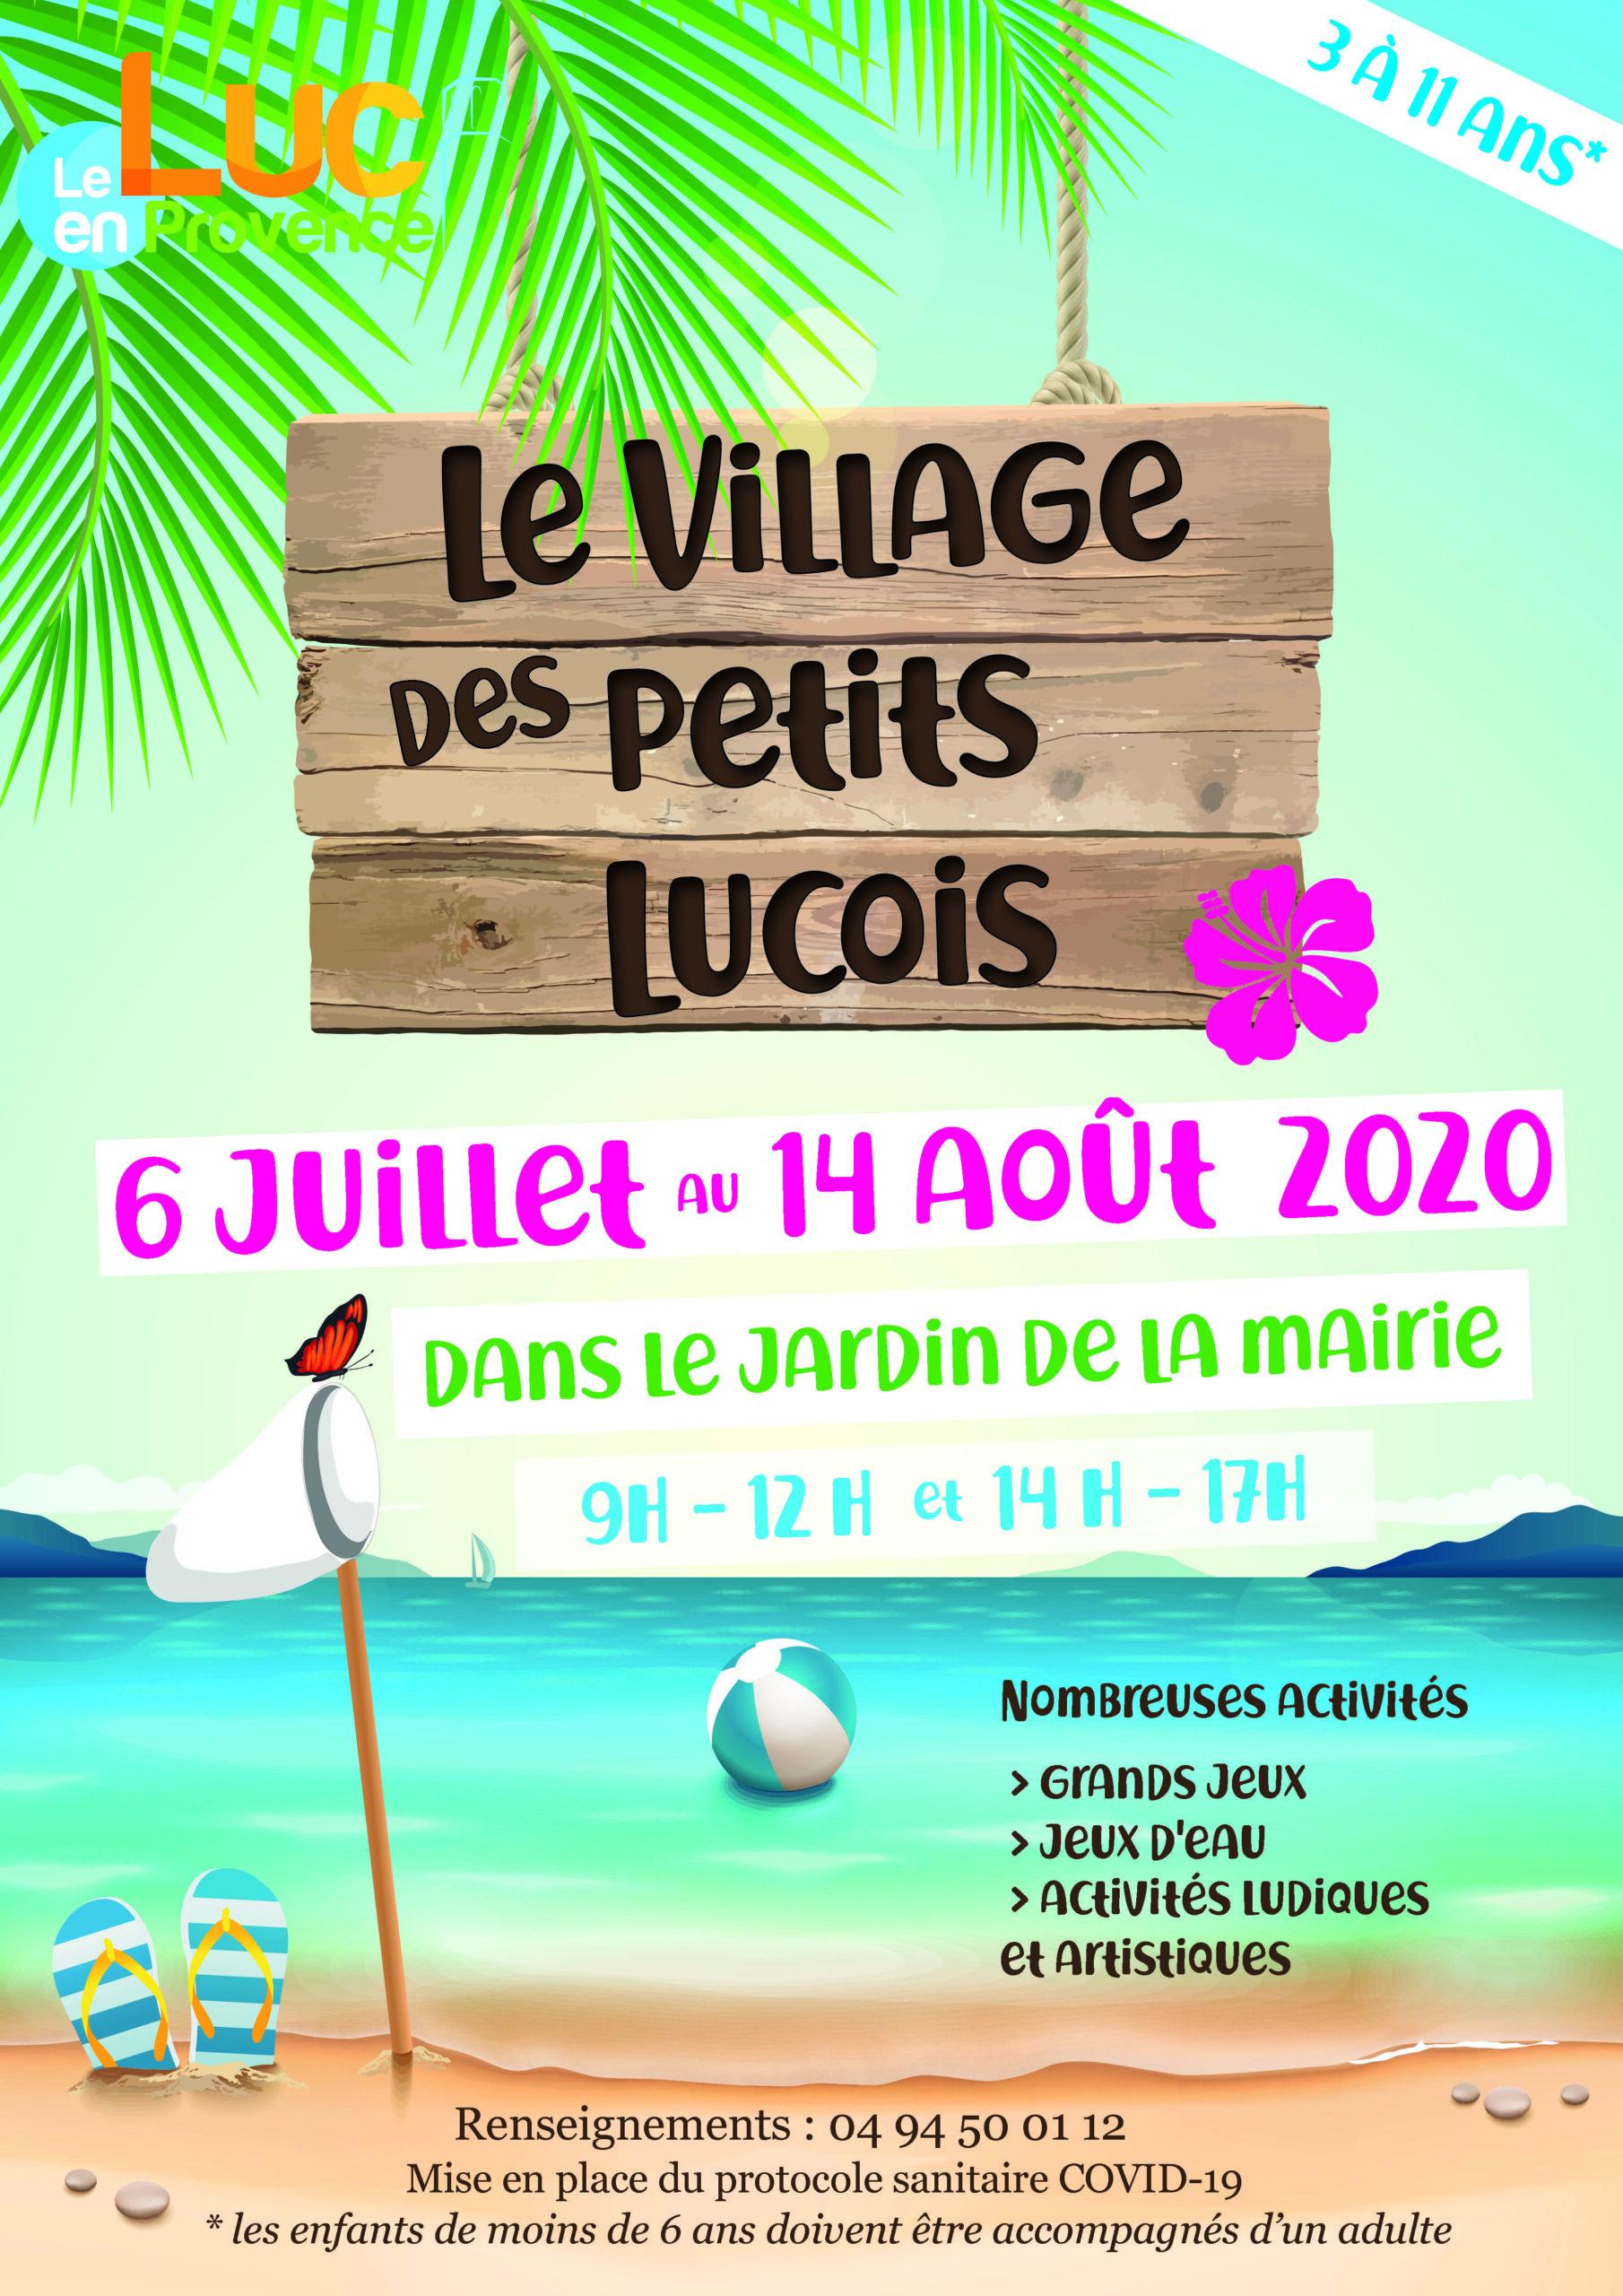 Du 6 juillet au 14 août, Le village des petits Lucois